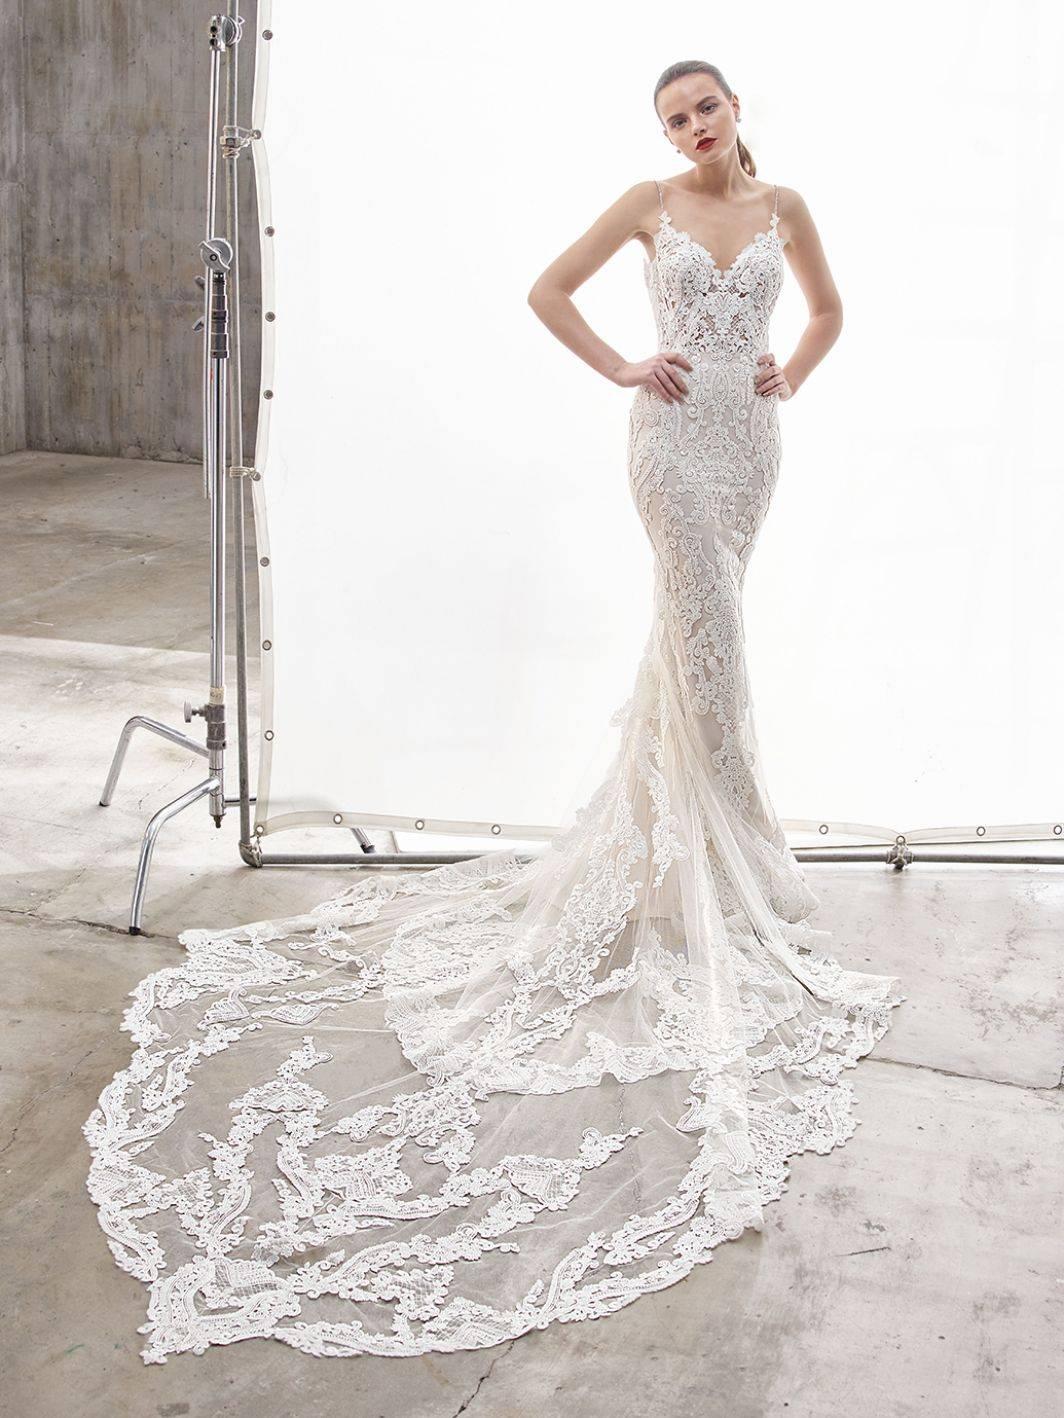 ENZOANI NANETTE WEDDING DRESS